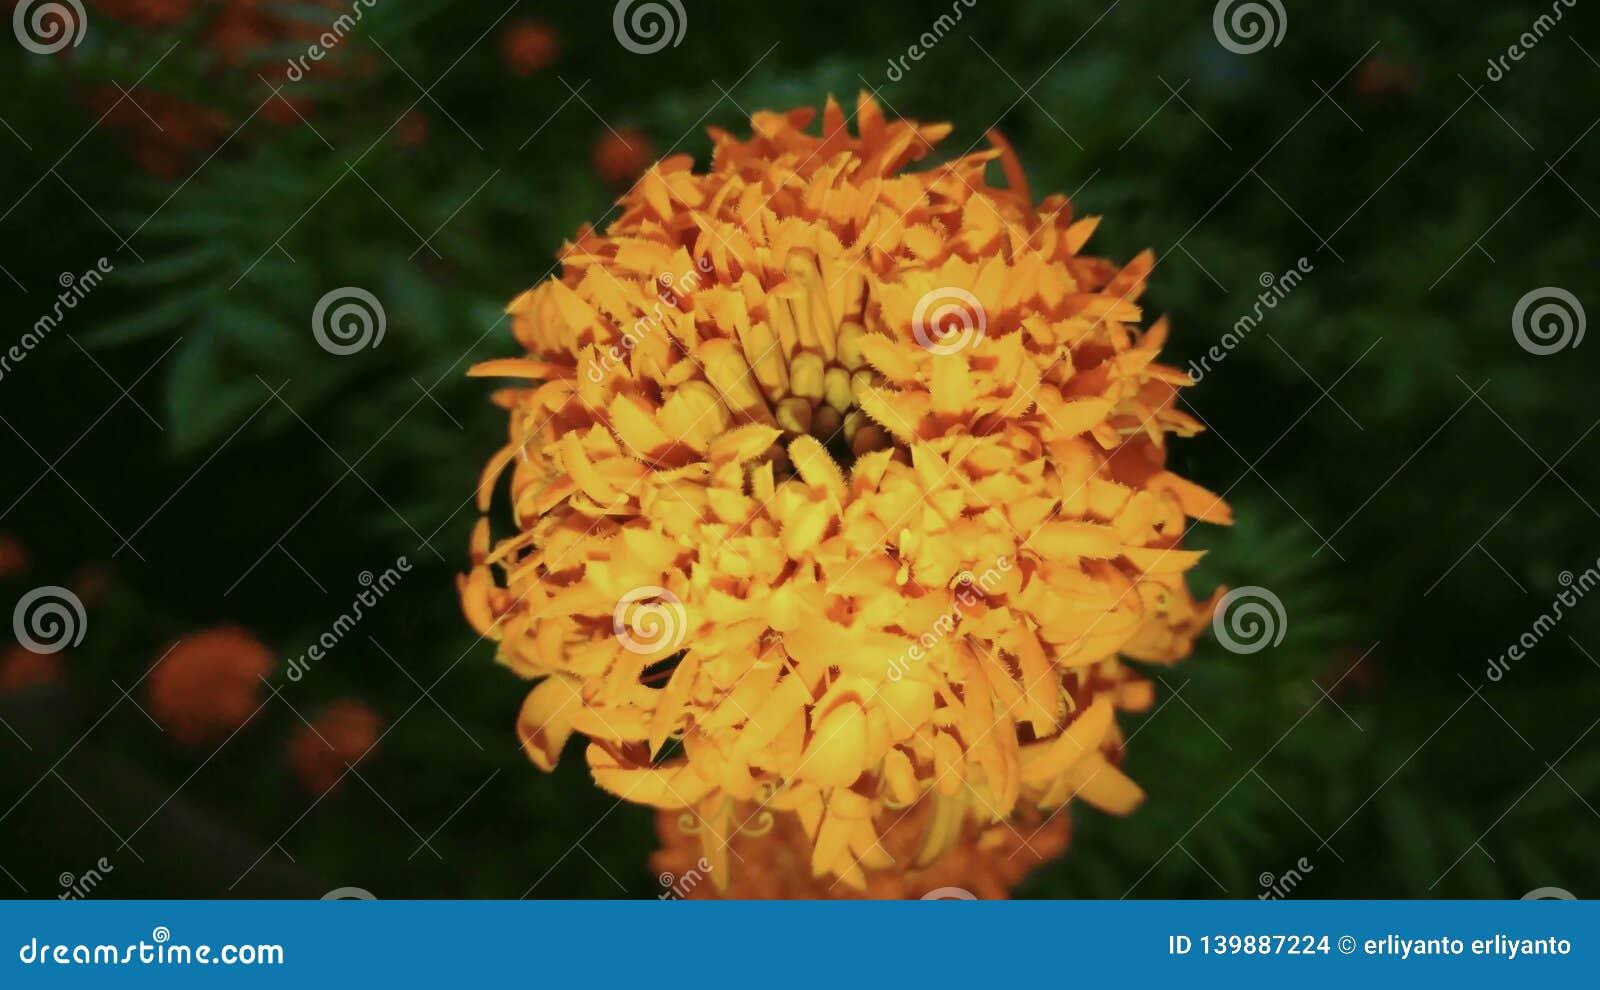 Der Charme einer Kosmos caudatus Blume zwischen der Dunkelheit der Dämmerung